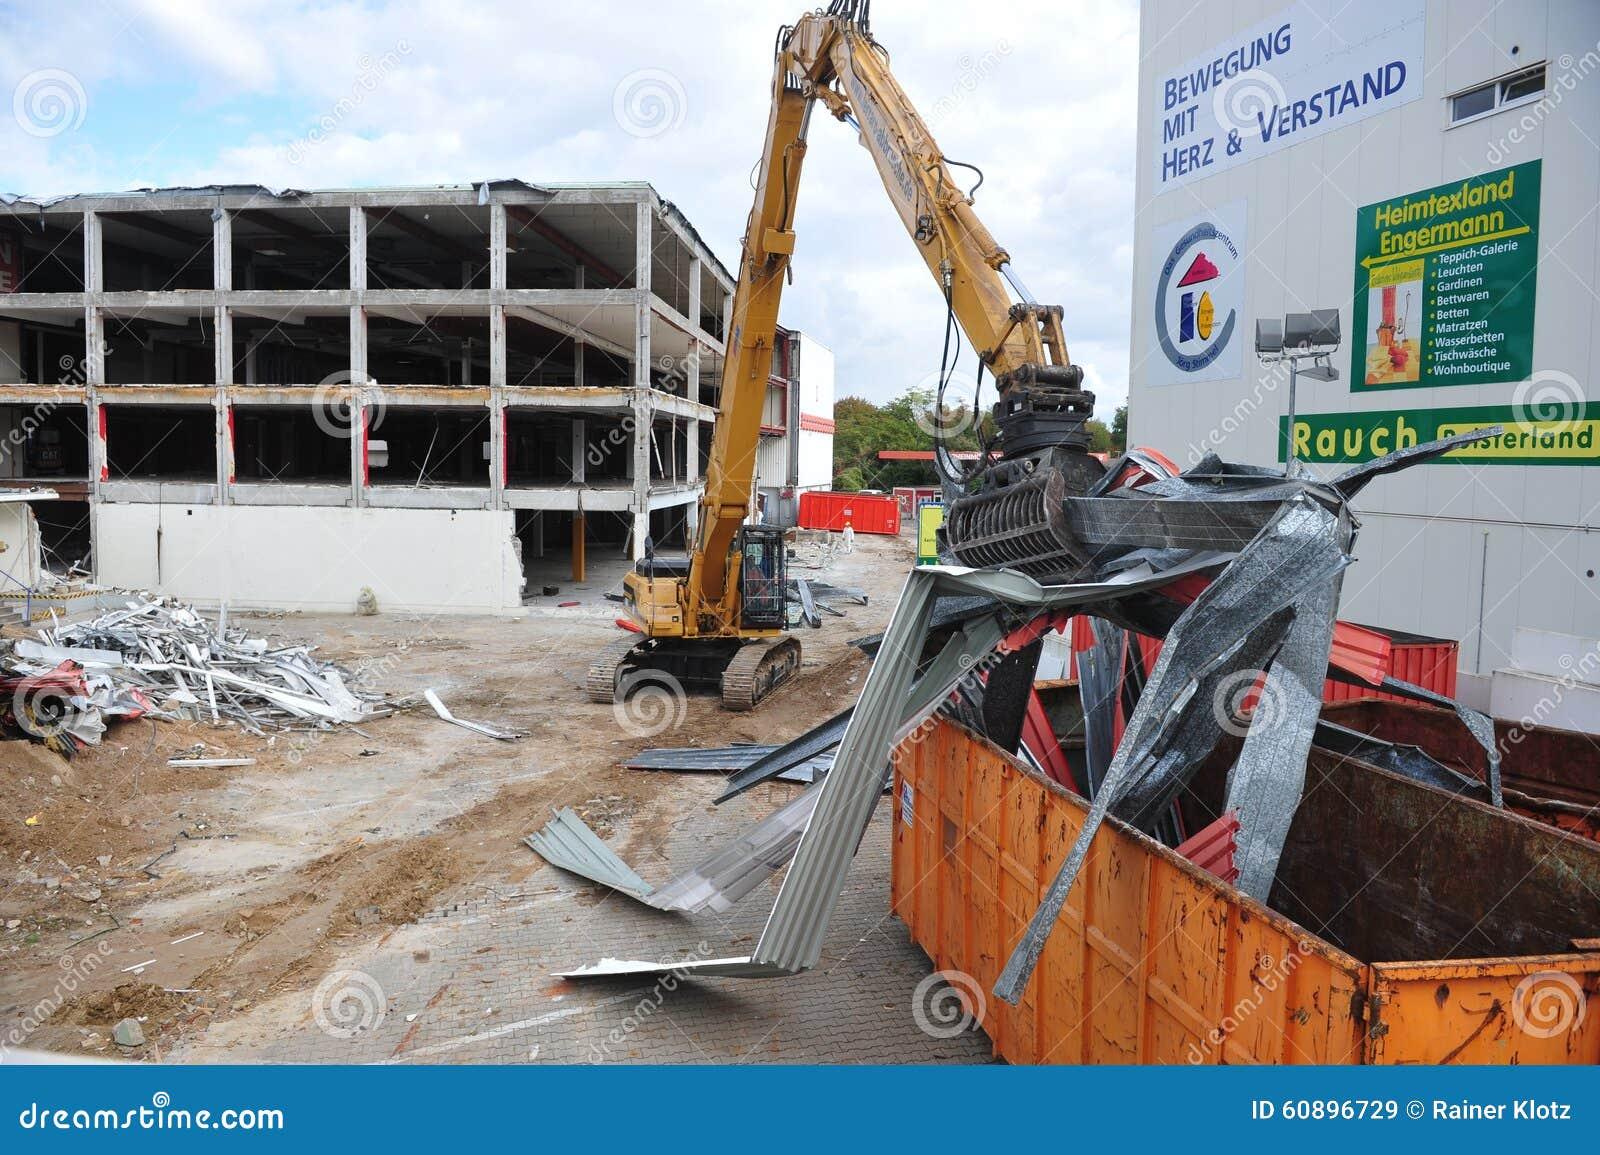 Building Demolition Cartoon : Demolition editorial photo cartoondealer